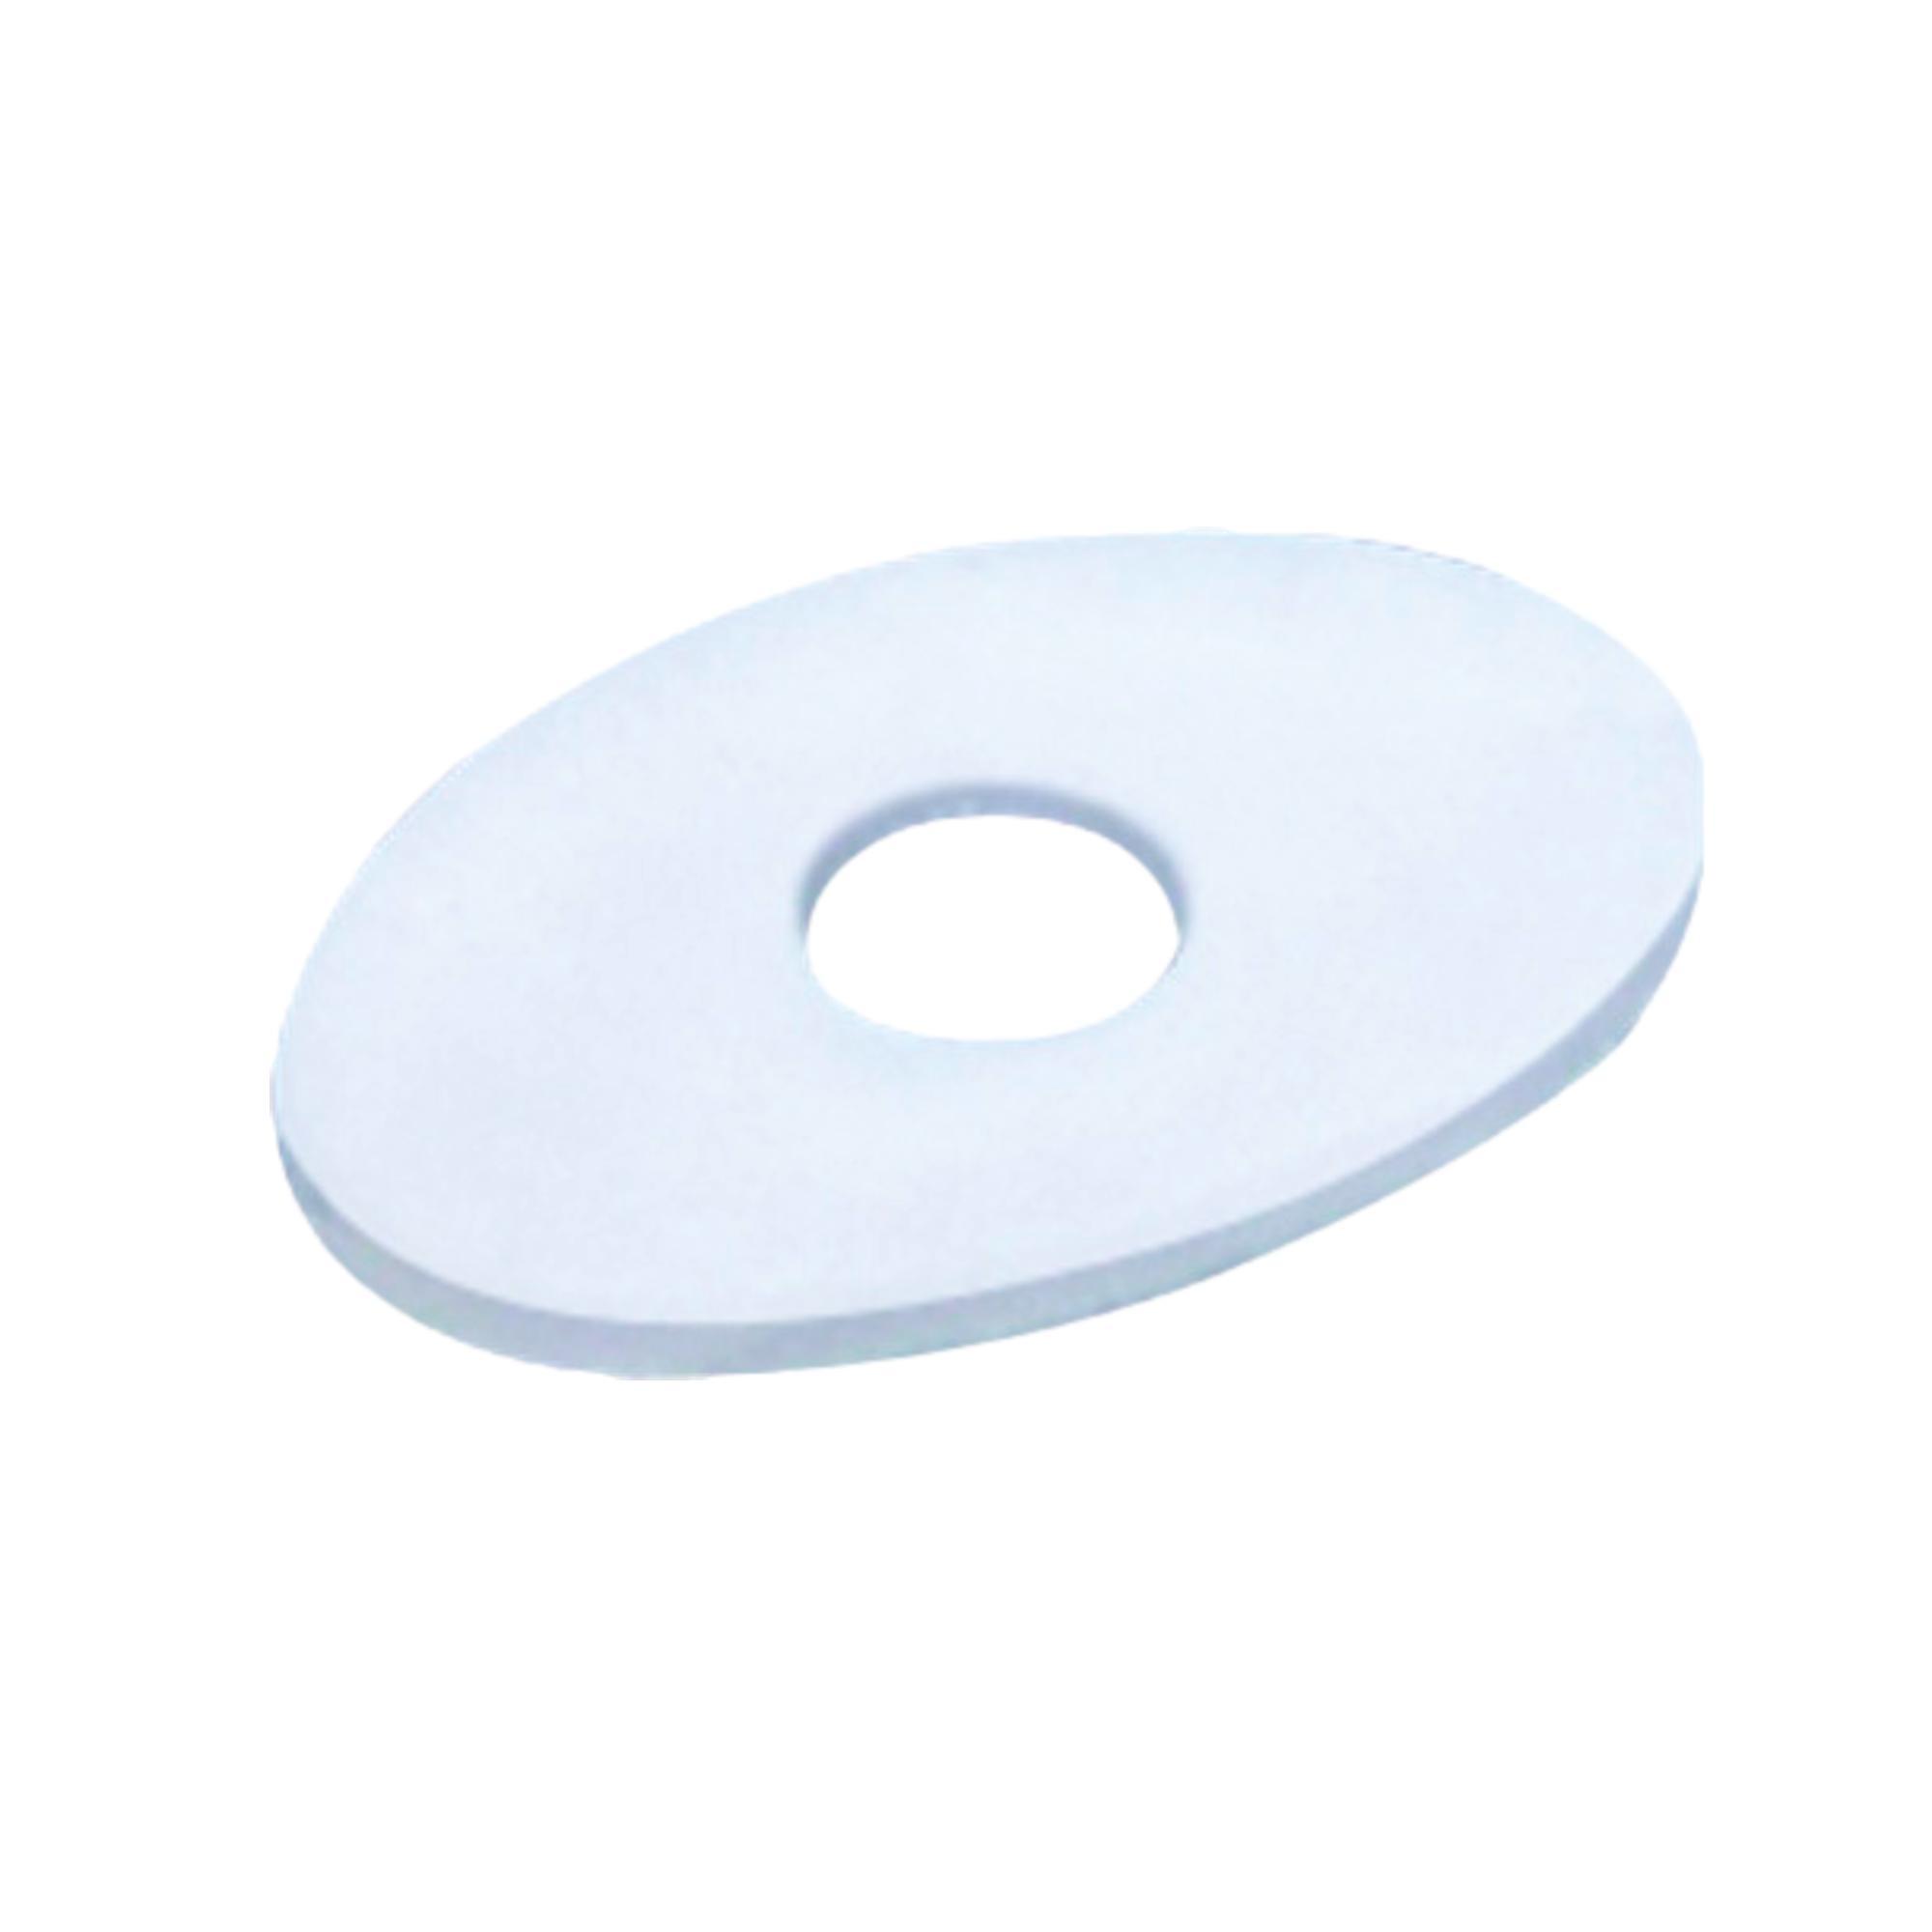 Plaque de gel adhésive pour callosité - Taille unique - Sachet de 6 pièces